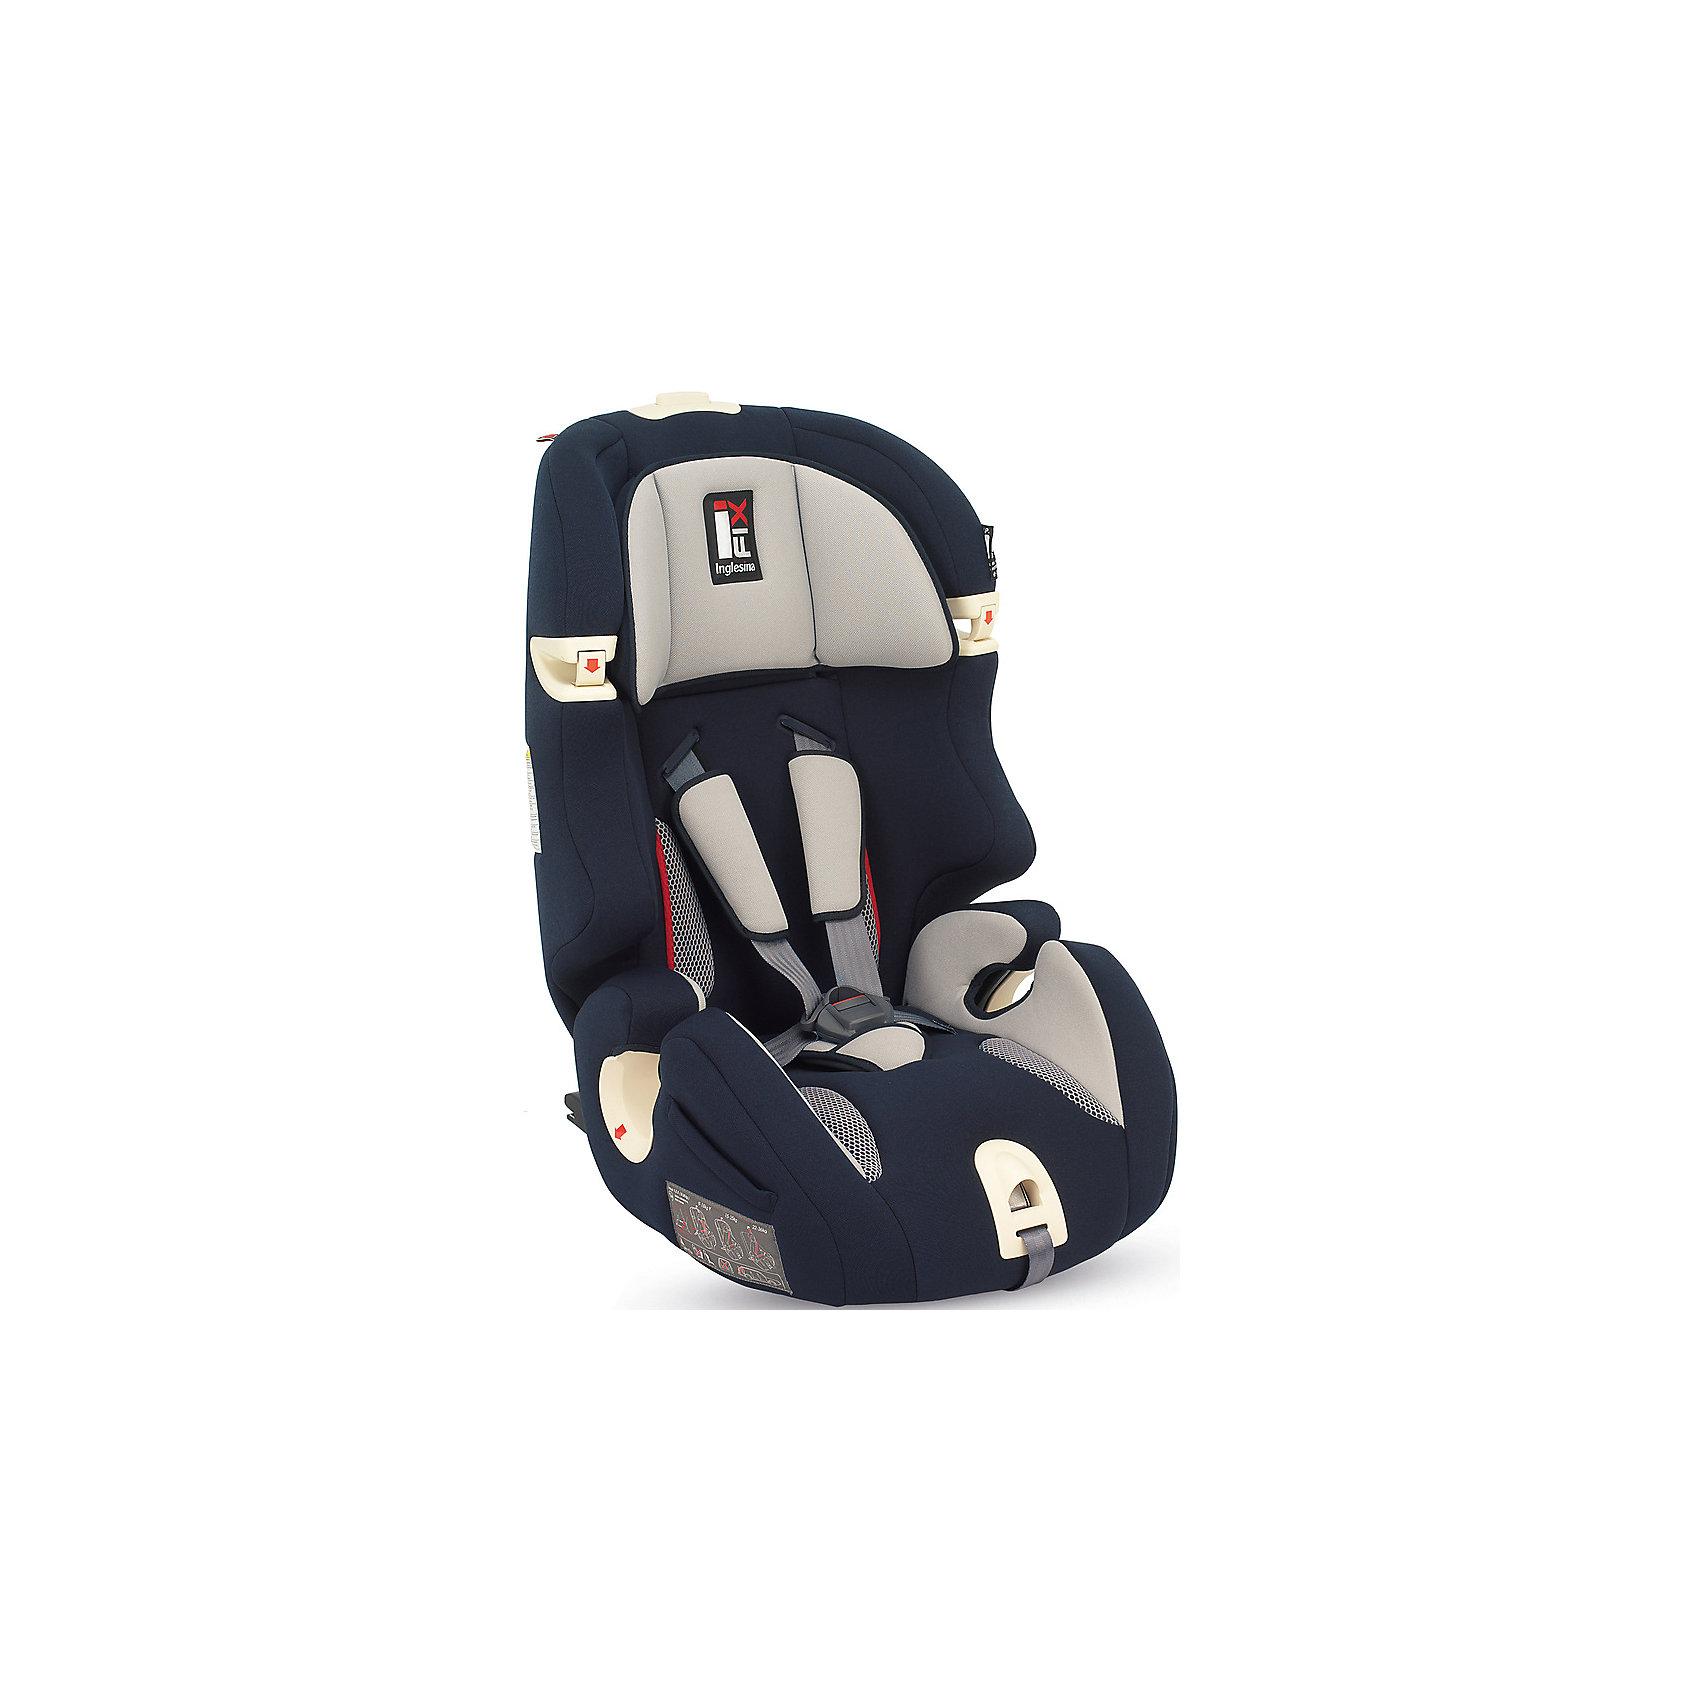 Автокресло Prime Miglia  9-36 кг. I-FIX, Inglesina, BlueАвтокресло Prime Miglia - прекрасный вариант для поездок и путешествий. Кресло крепится в машине с помощью креплений IsoFix. Сначала дети фиксируются  внутренними ремнями с мягкими накладками, а когда ребенок подрастет (достигнет роста более 1 м) - обычными штатными ремнями автомобиля. Технология Side Head Protection защитит малышей от боковых ударов. Подголовник в Inglesina Prime Miglia можно регулировать по ширине. Он жёстко соединён со спинкой, поэтому регулировка высоты конструктивно осуществляется поднятием спинки. Кресло обладает удобной универсальной конструкцией и приятной на ощупь обивкой. Чехлы сшиты из практичной и прочной ткани. Их можно снимать и стирать в режиме деликатной стирки. <br><br>Дополнительная информация:<br><br>- Материал: текстиль, пластик, металл.<br>- Крепится в машине с помощью креплений IsoFix (или обычным способом).<br>- Размер: 44x70x45 см.<br>- Вес: 6,9 кг.<br>- Может трансформироваться в бустер. <br>- Группа 1/2/3 (9-36 кг).<br>- Устанавливается по ходу  движения. <br>-  Внутренние пятиточечные ремни безопасности для малышей.<br>- Регулировка наклона спинки (в 6 положениях).<br>- Регулируемый подголовник (4 вертикальных положения, 5 горизонтальных положения.<br>- Съемные чехлы.<br><br>Автокресло Prime Miglia  9-36 кг. I-FIX, Inglesina (Инглезина), Blue, можно купить в нашем магазине.<br><br>Ширина мм: 480<br>Глубина мм: 465<br>Высота мм: 845<br>Вес г: 8600<br>Возраст от месяцев: 9<br>Возраст до месяцев: 144<br>Пол: Унисекс<br>Возраст: Детский<br>SKU: 4764264